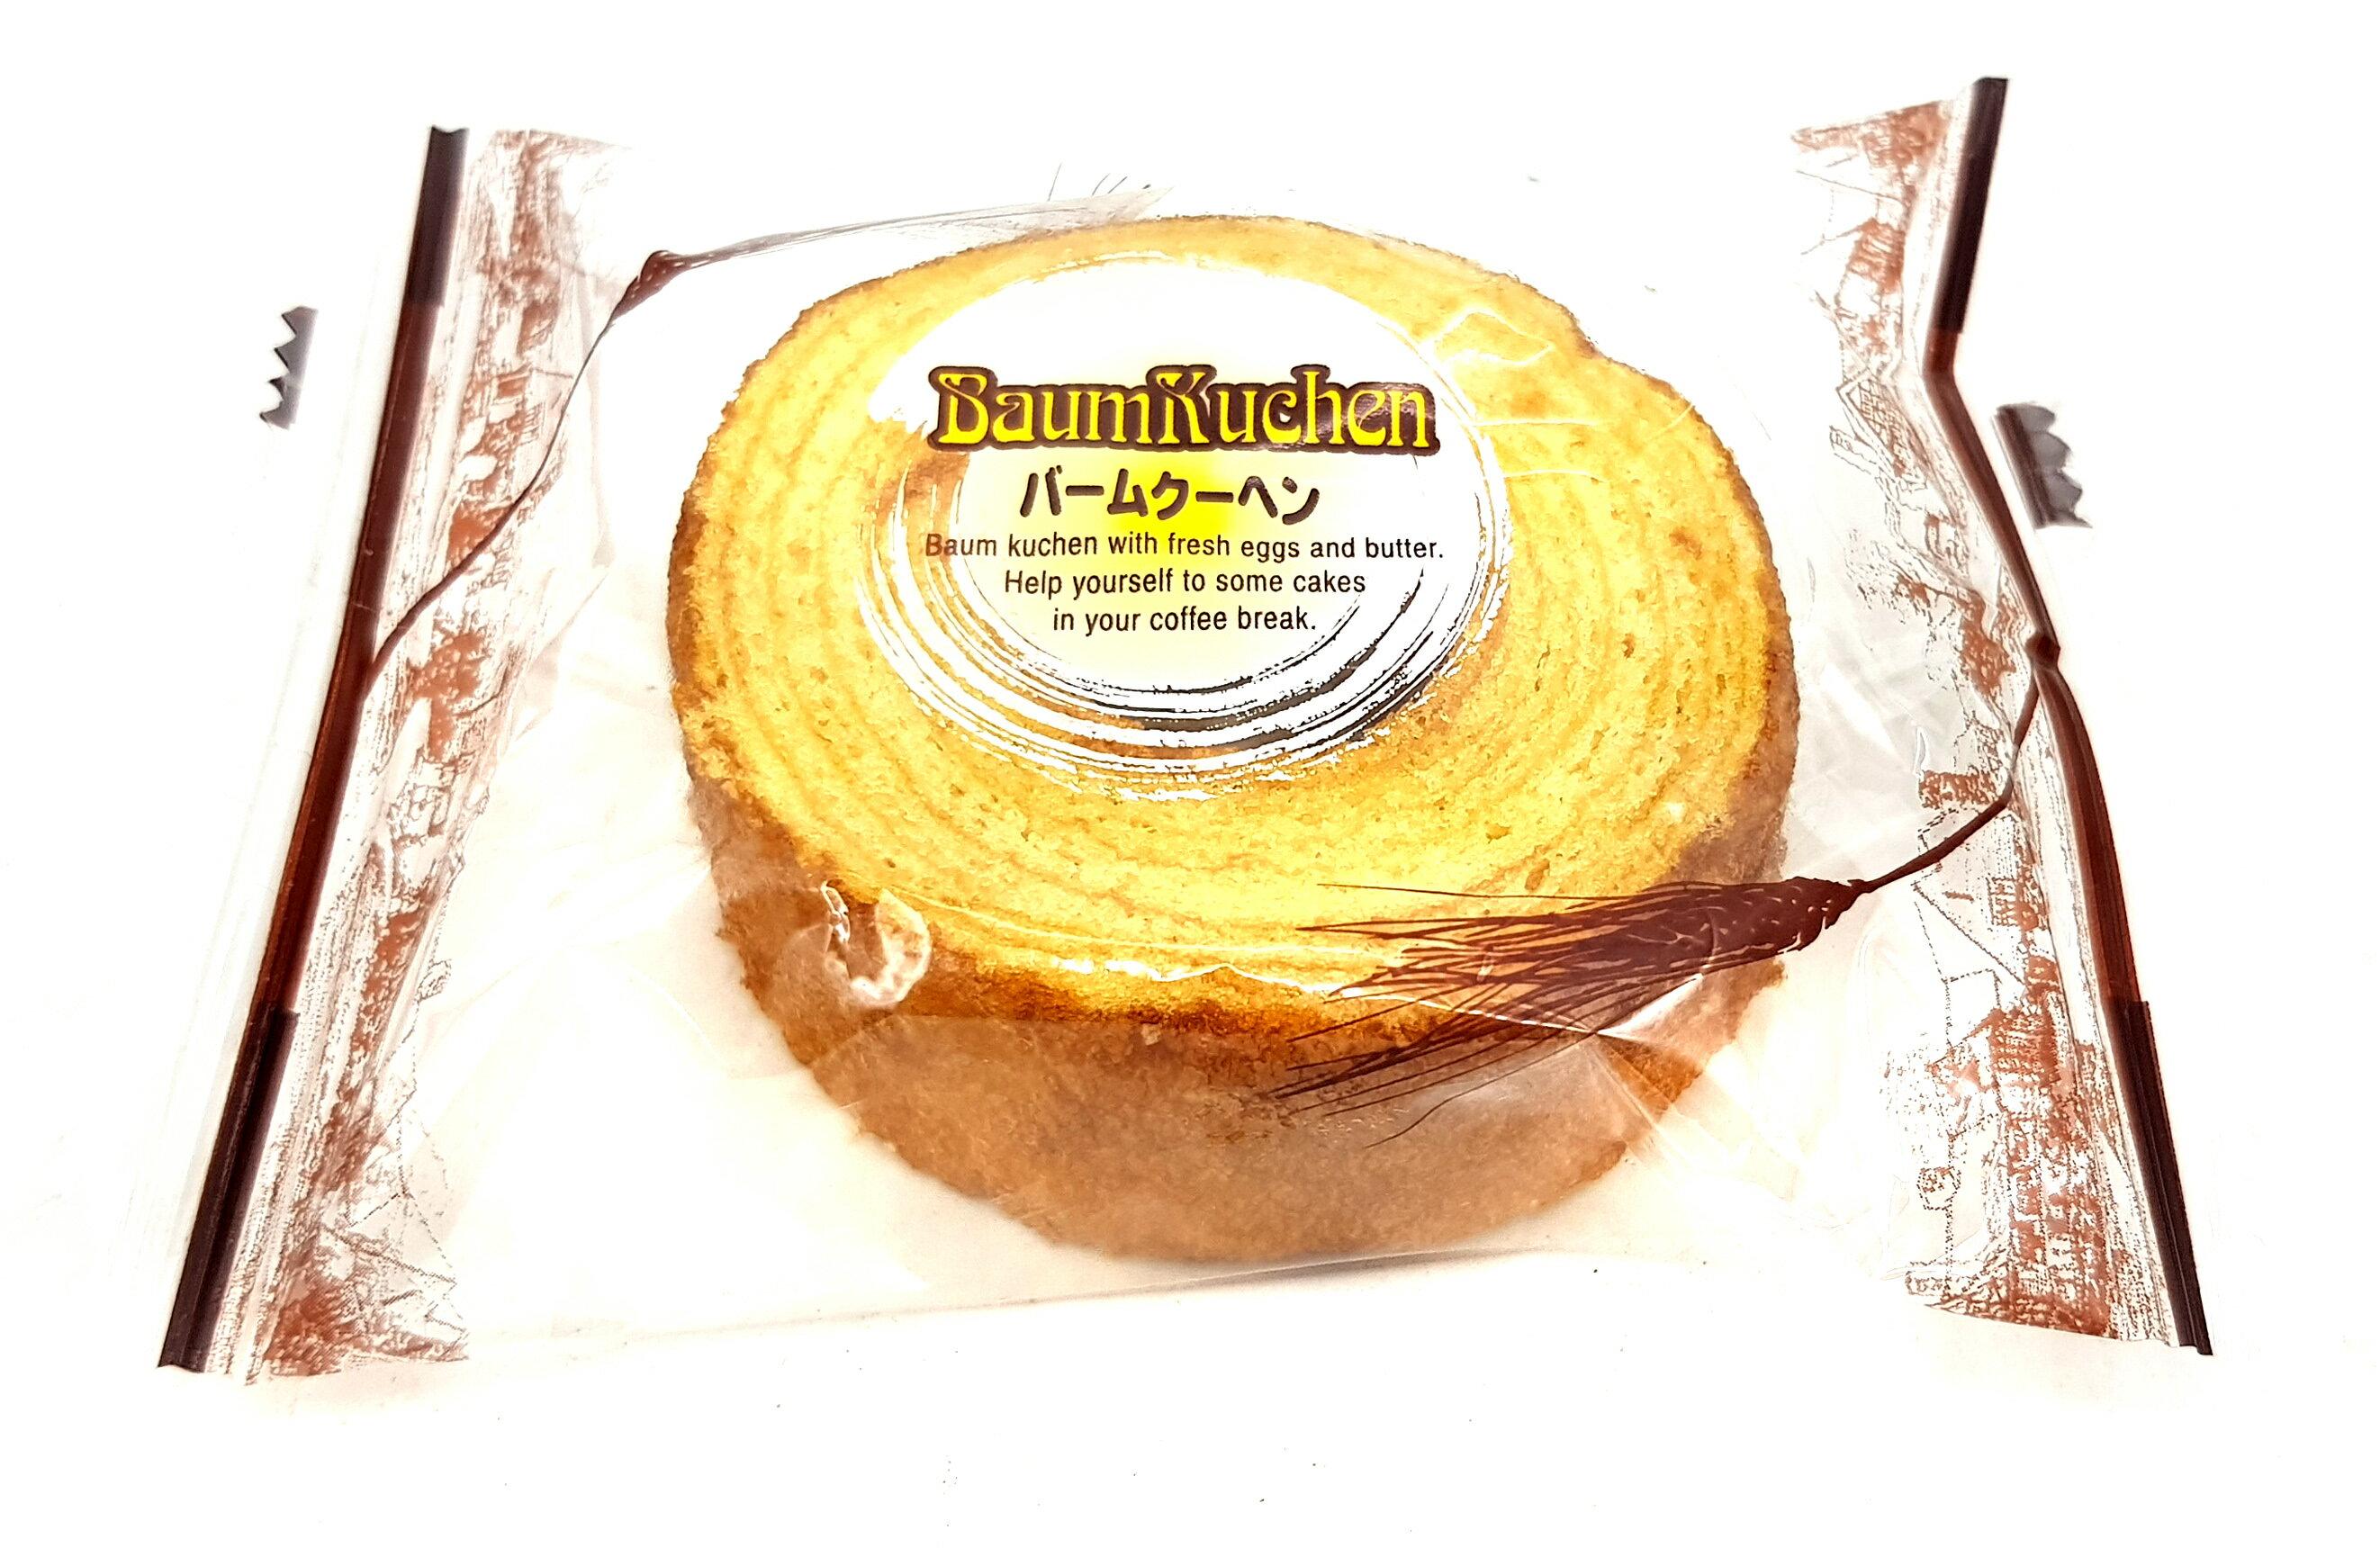 《Chara 微百貨》 日本 牧原 製菓 厚切 牛奶 迷你 年輪 蛋糕 9入 243g 團購 批發 2